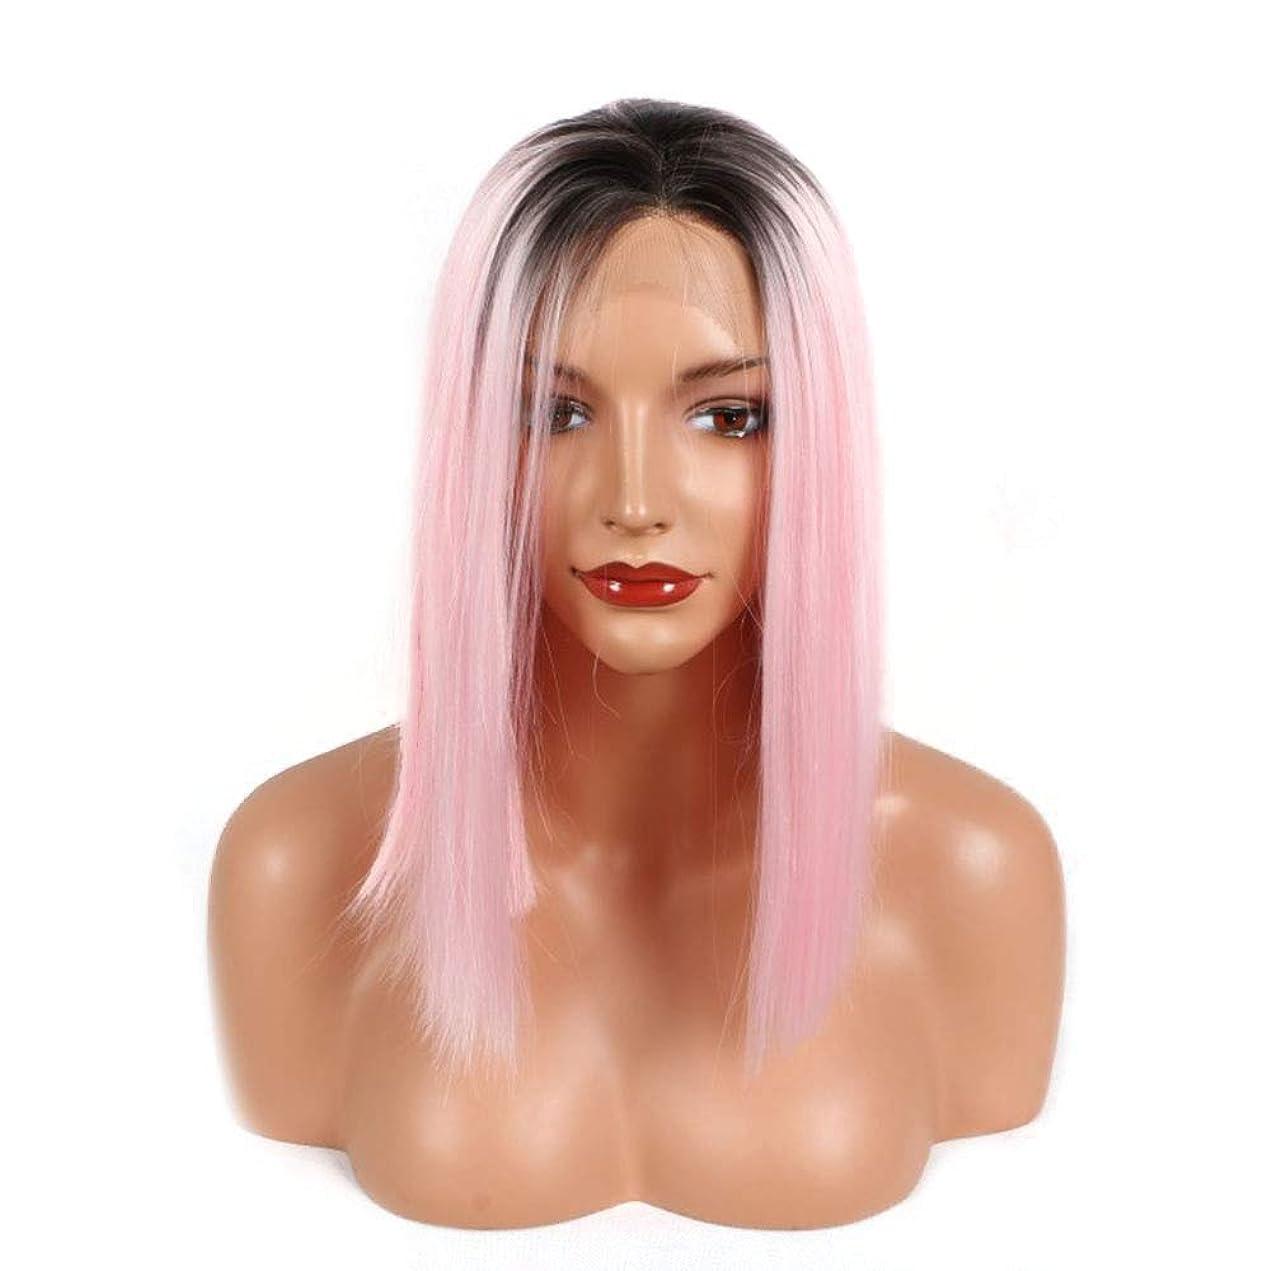 魅力的であることへのアピール等々ミシンYrattary ミッドポイントショートストレートヘア高温シルクグラデーションフロントレースウィッグヘッドギア複合ヘアレースウィッグロールプレイングかつら (色 : ピンク)